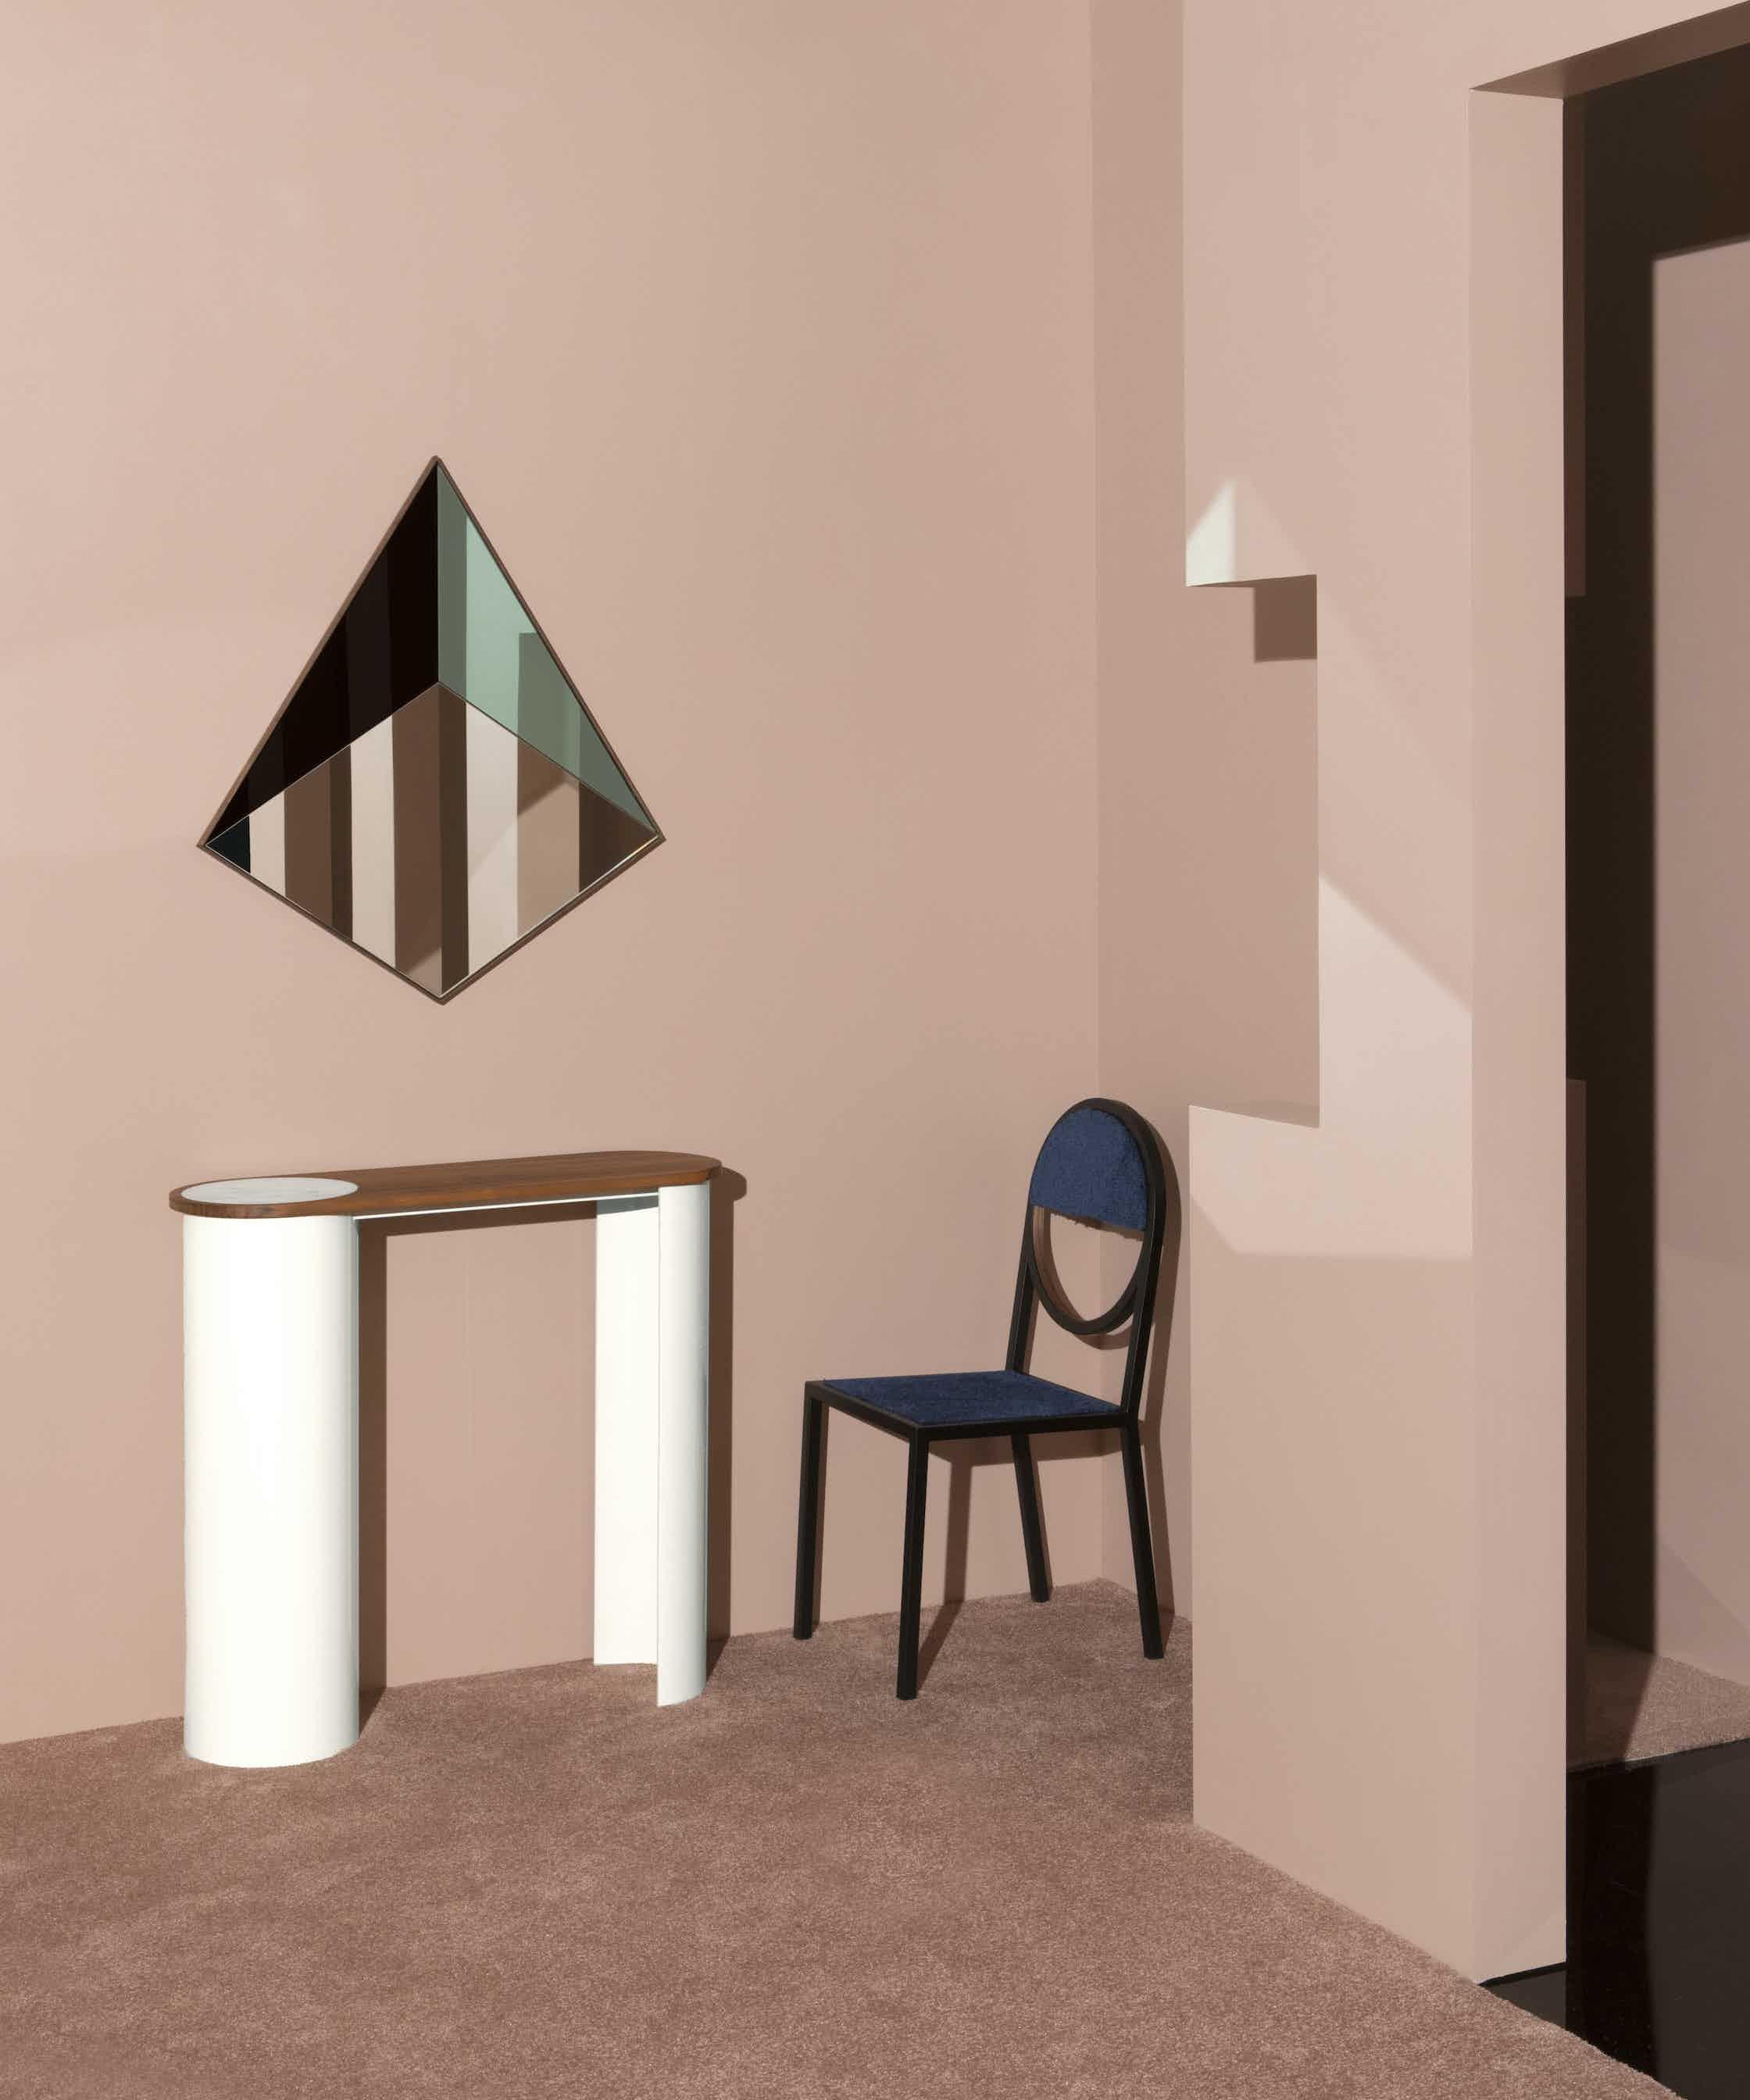 Pyramid Mirror Photo By Charlie Schuck 1